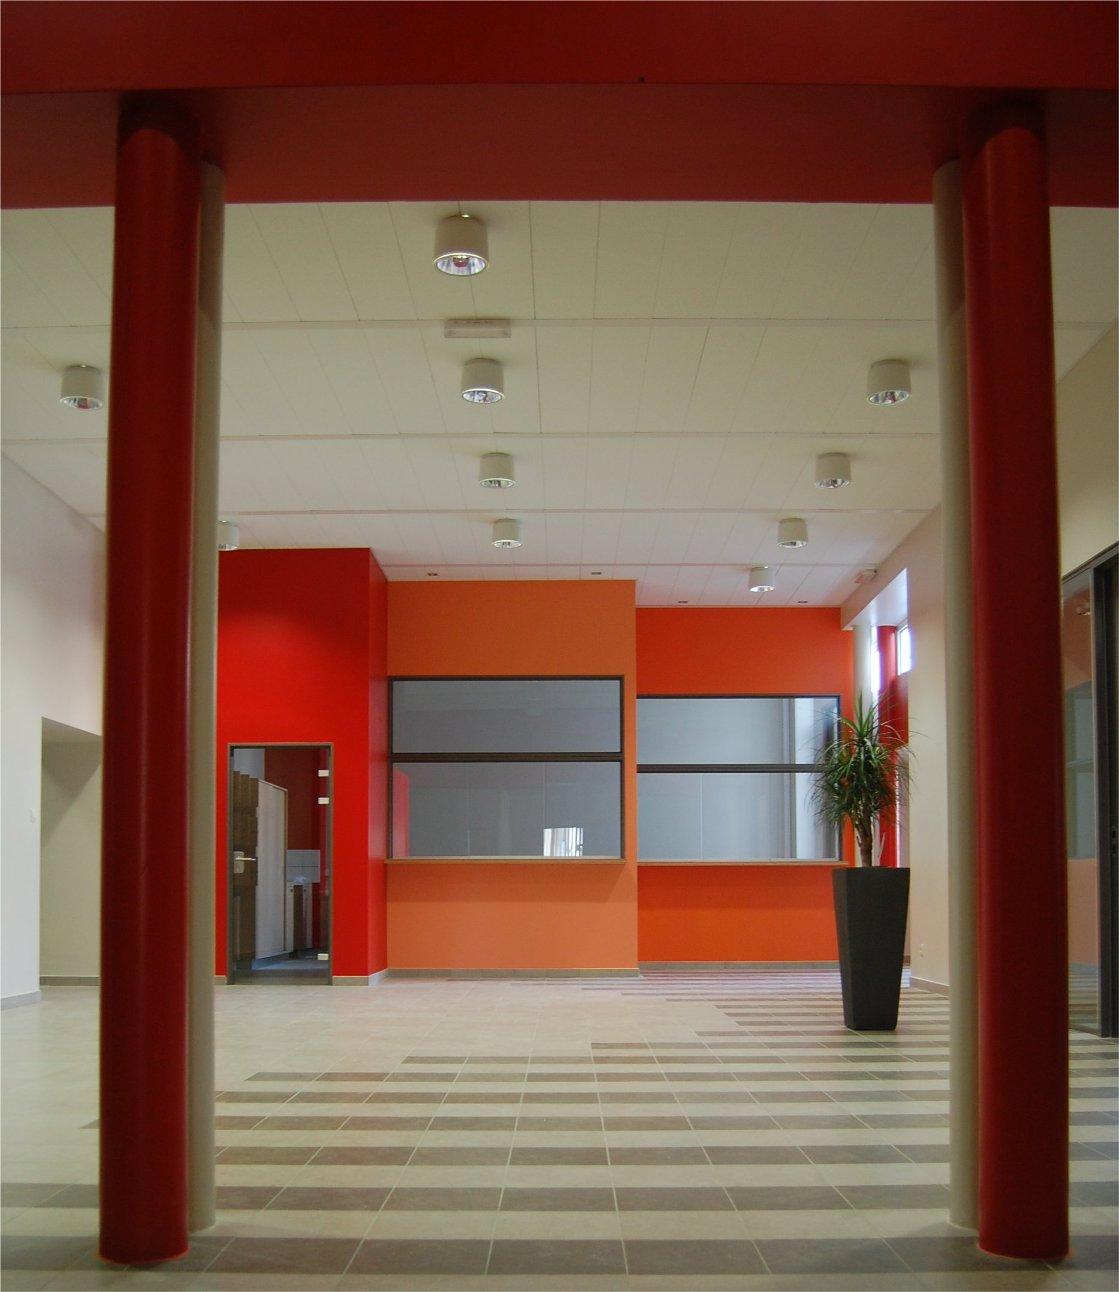 atelier d 39 architecture l 39 arche claire. Black Bedroom Furniture Sets. Home Design Ideas